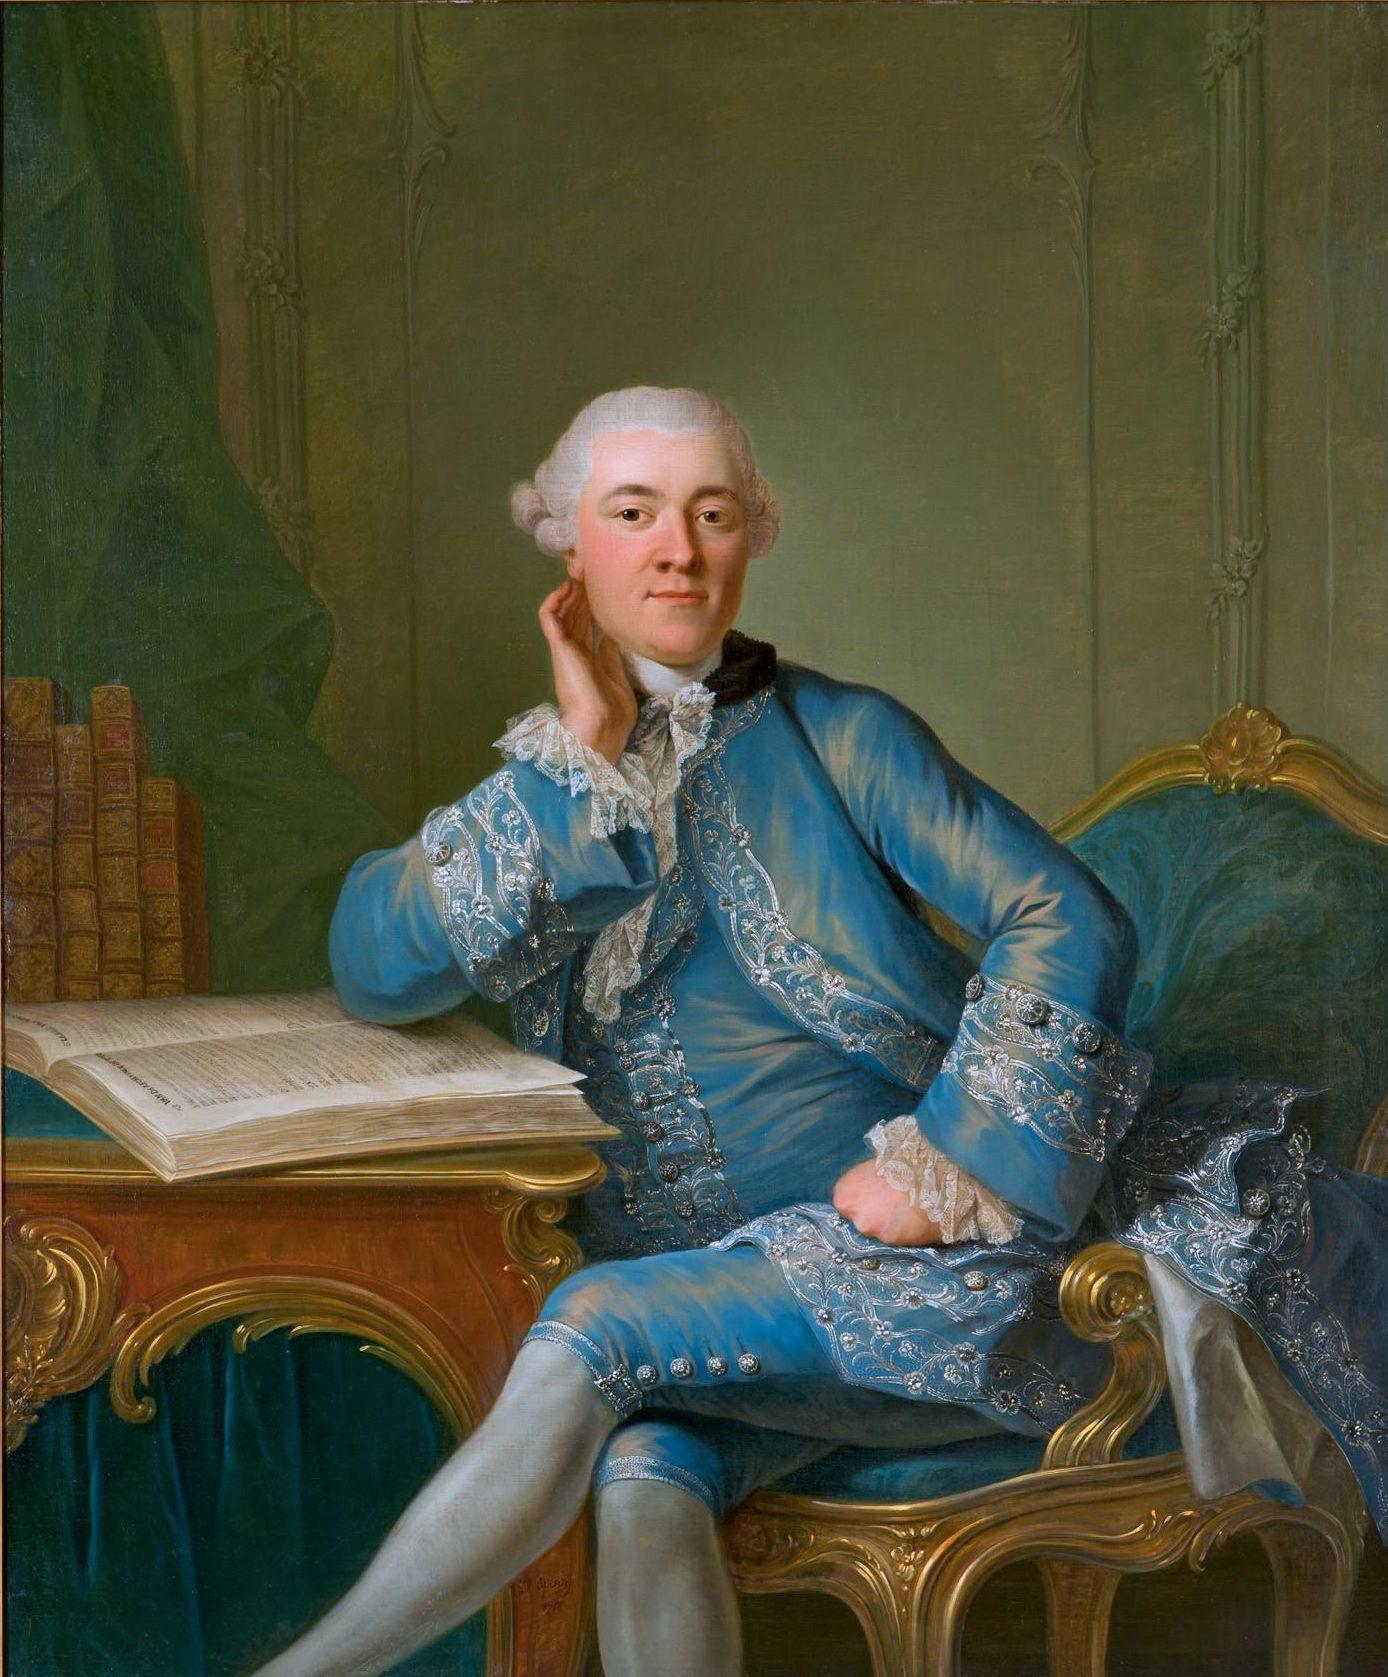 Sigismond Pierre Alexander graaf van Heiden Reinestein